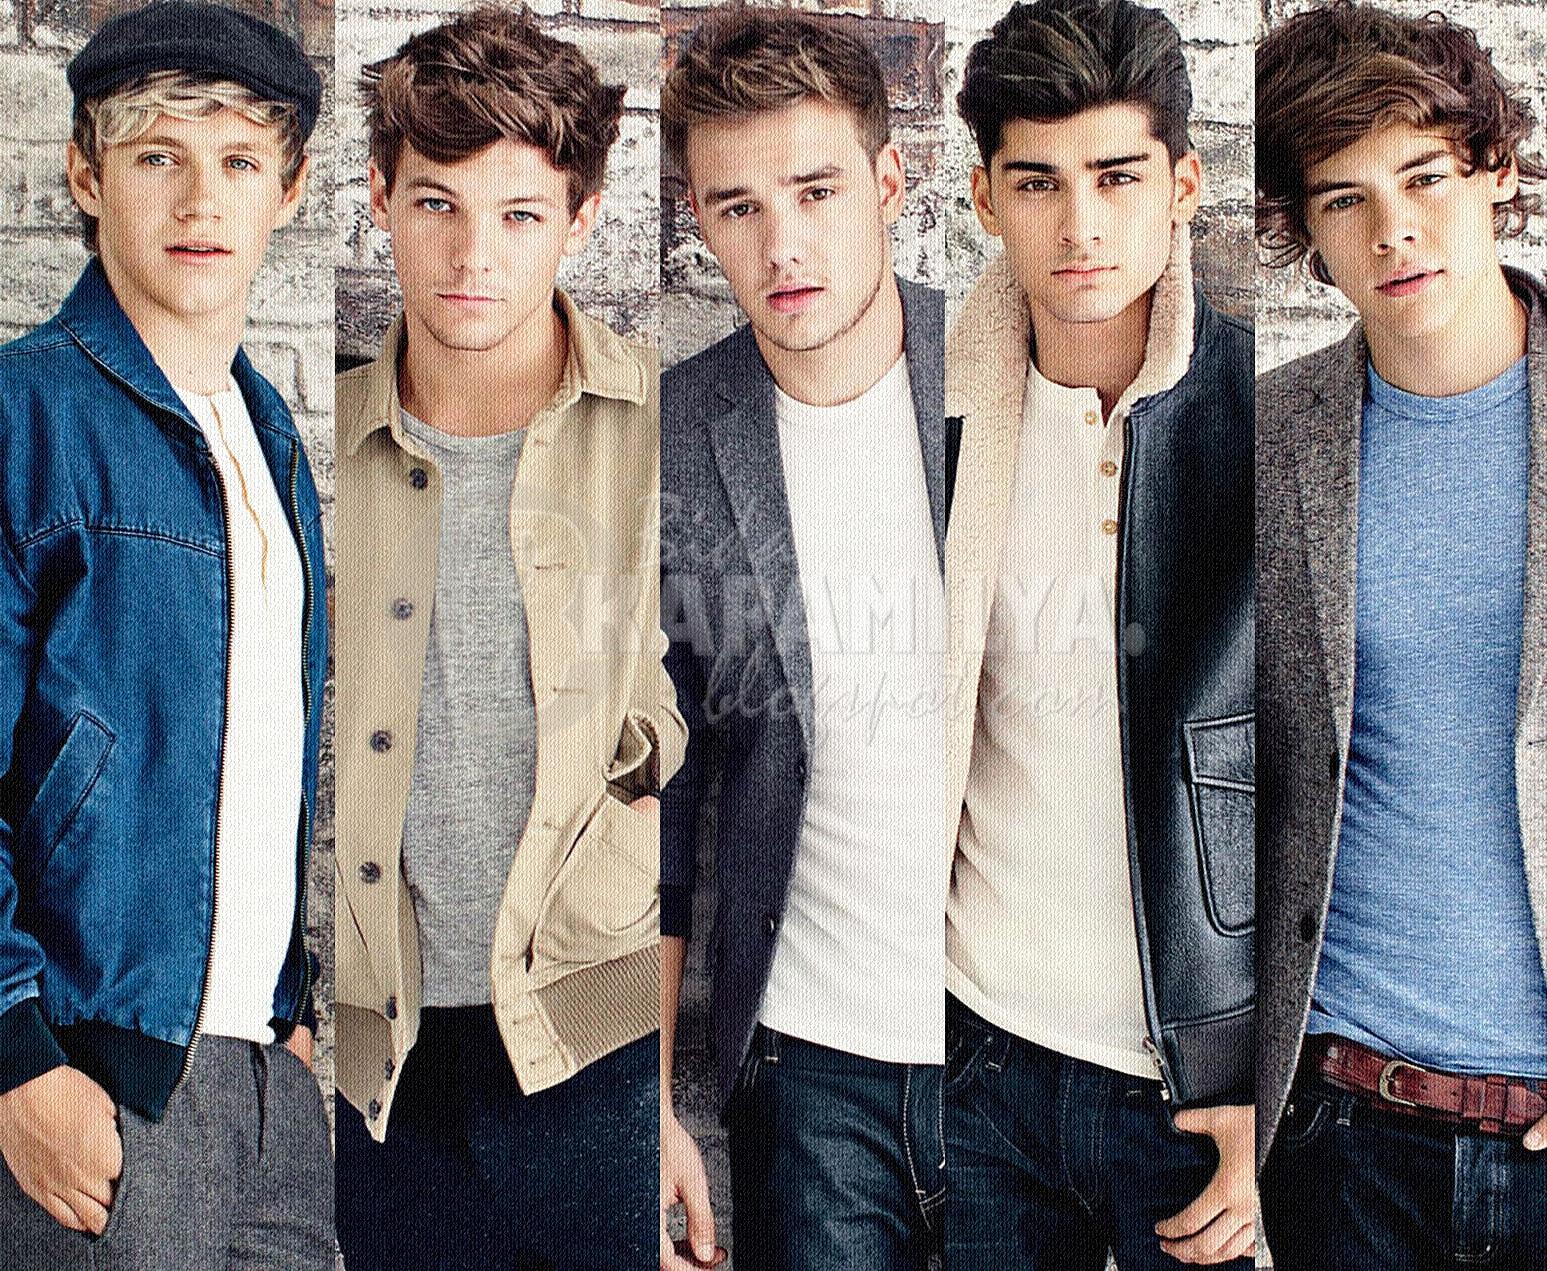 One Direction Photoshoot Tumblr 2013 boybandinblack